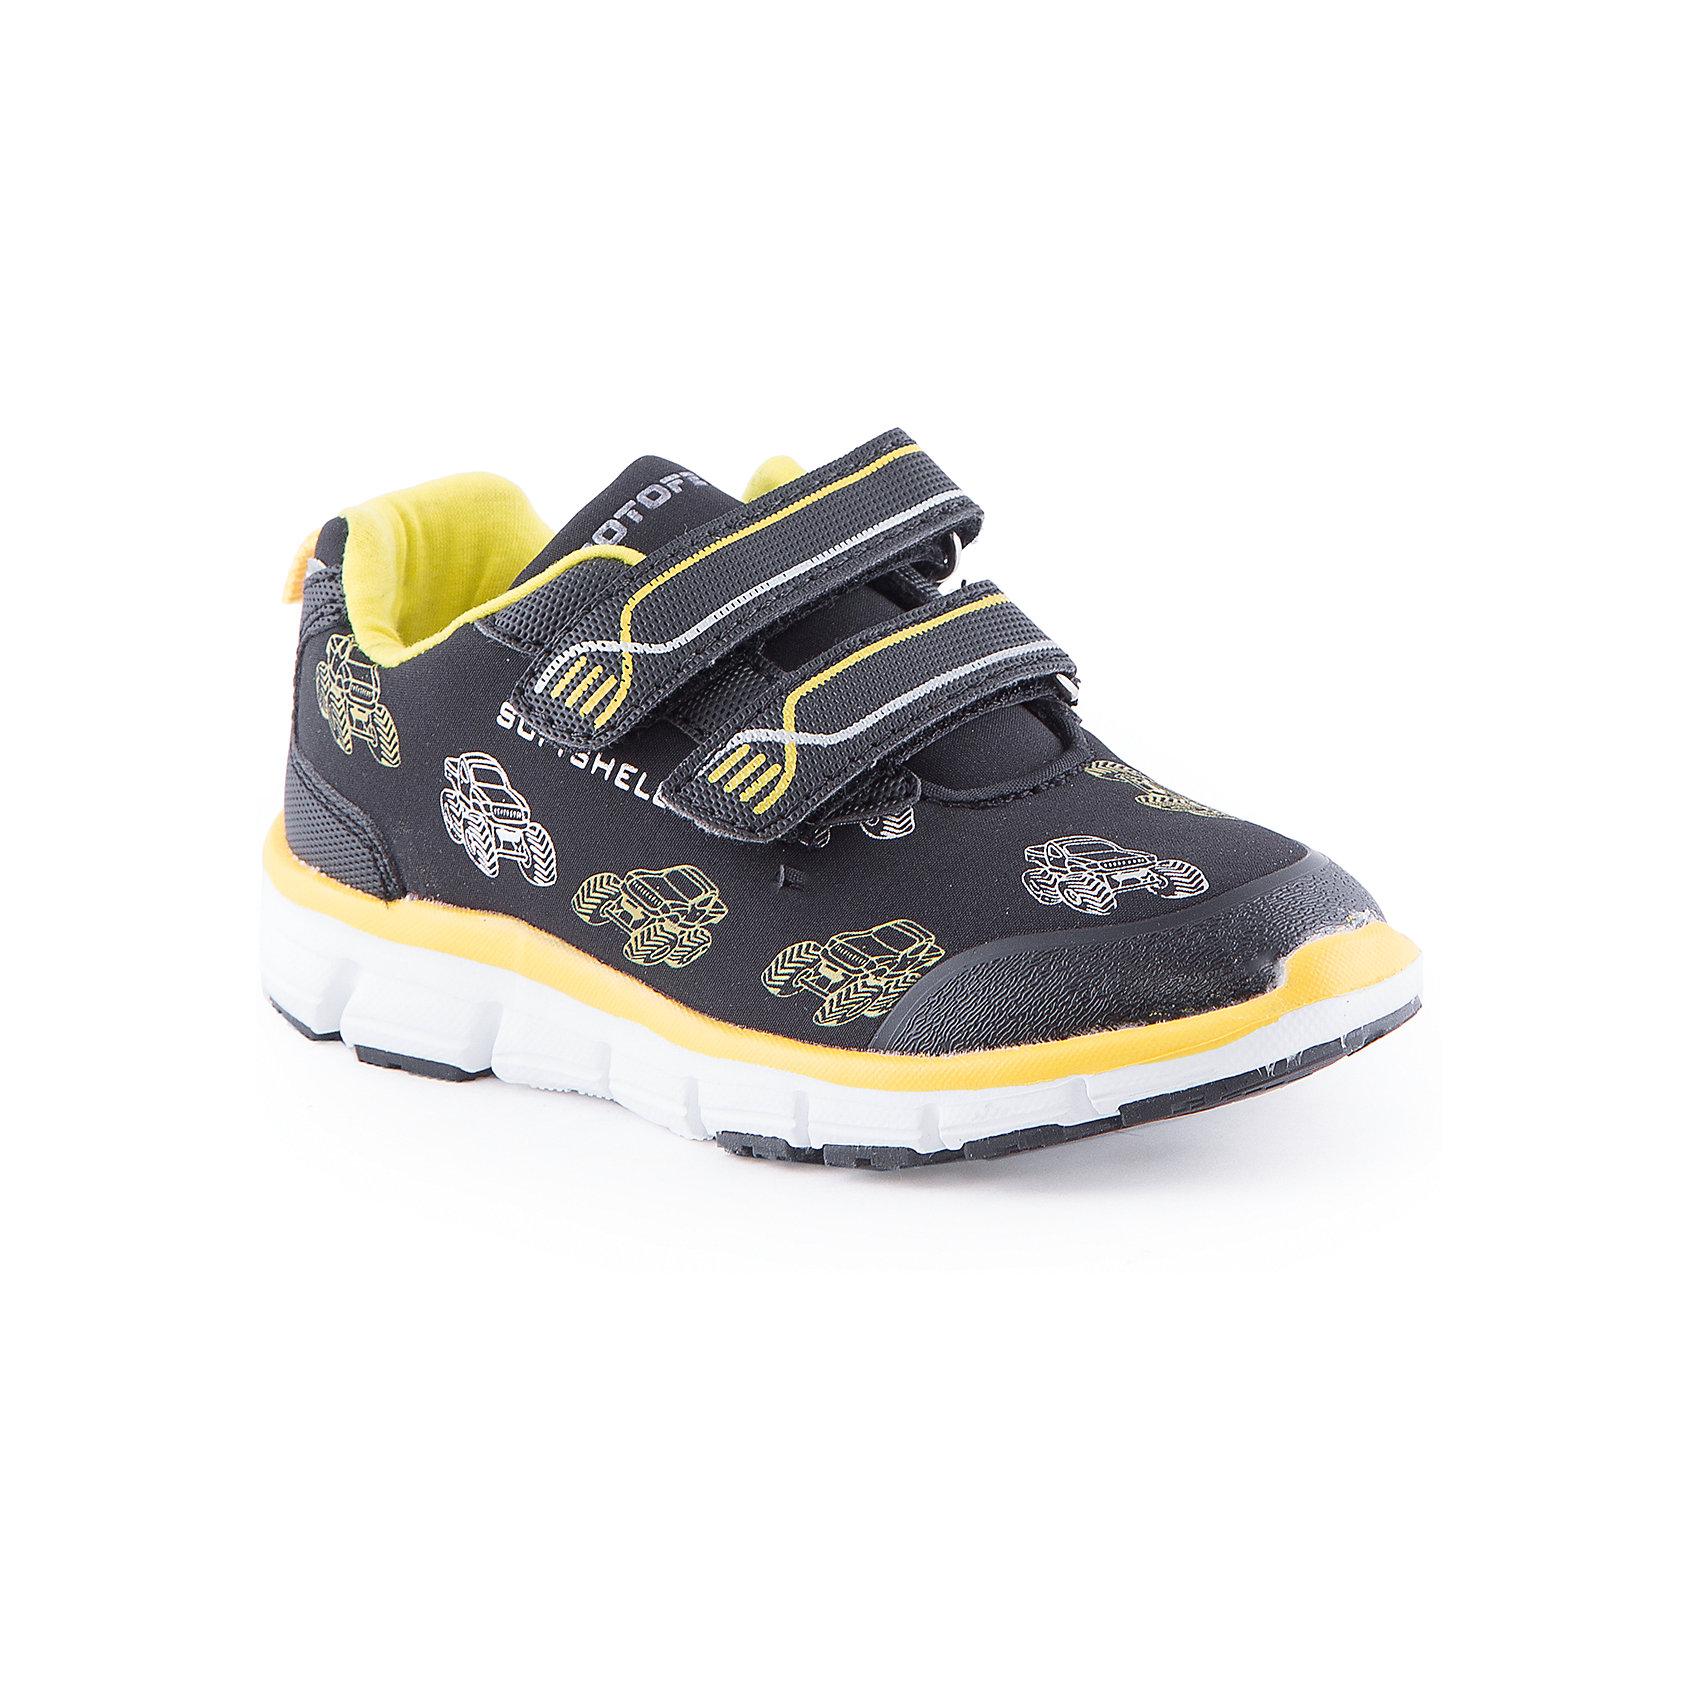 Кроссовки для мальчика КотофейПолуботинки для мальчика от известного российского бренда Котофей <br><br>Модные яркие полуботинки помогут защитить детские ножки от прохлады и обеспечат удобство. Они легко надеваются, комфортно садятся по ноге. <br>Изделия украшены яркими желтыми элементами.<br><br>Особенности модели:<br><br>- цвет - черный;<br>- декорированы принтом;<br>- верх - дышащий;<br>- вид крепления – клеевой;<br>- защита пальцев;<br>- амортизирующая устойчивая подошва;<br>- застежка - липучки.<br><br>Дополнительная информация:<br><br>Температурный режим:<br><br>от +10° С до +20° С<br><br>Состав:<br>верх – комбинированный материал;<br>подкладка - комбинированный материал;<br>подошва - филон+ТЭП.<br><br>Полуботинки для мальчика Котофей можно купить в нашем магазине.<br><br>Ширина мм: 262<br>Глубина мм: 176<br>Высота мм: 97<br>Вес г: 427<br>Цвет: черный<br>Возраст от месяцев: 24<br>Возраст до месяцев: 24<br>Пол: Мужской<br>Возраст: Детский<br>Размер: 25,29,26,30,28,27<br>SKU: 4565851